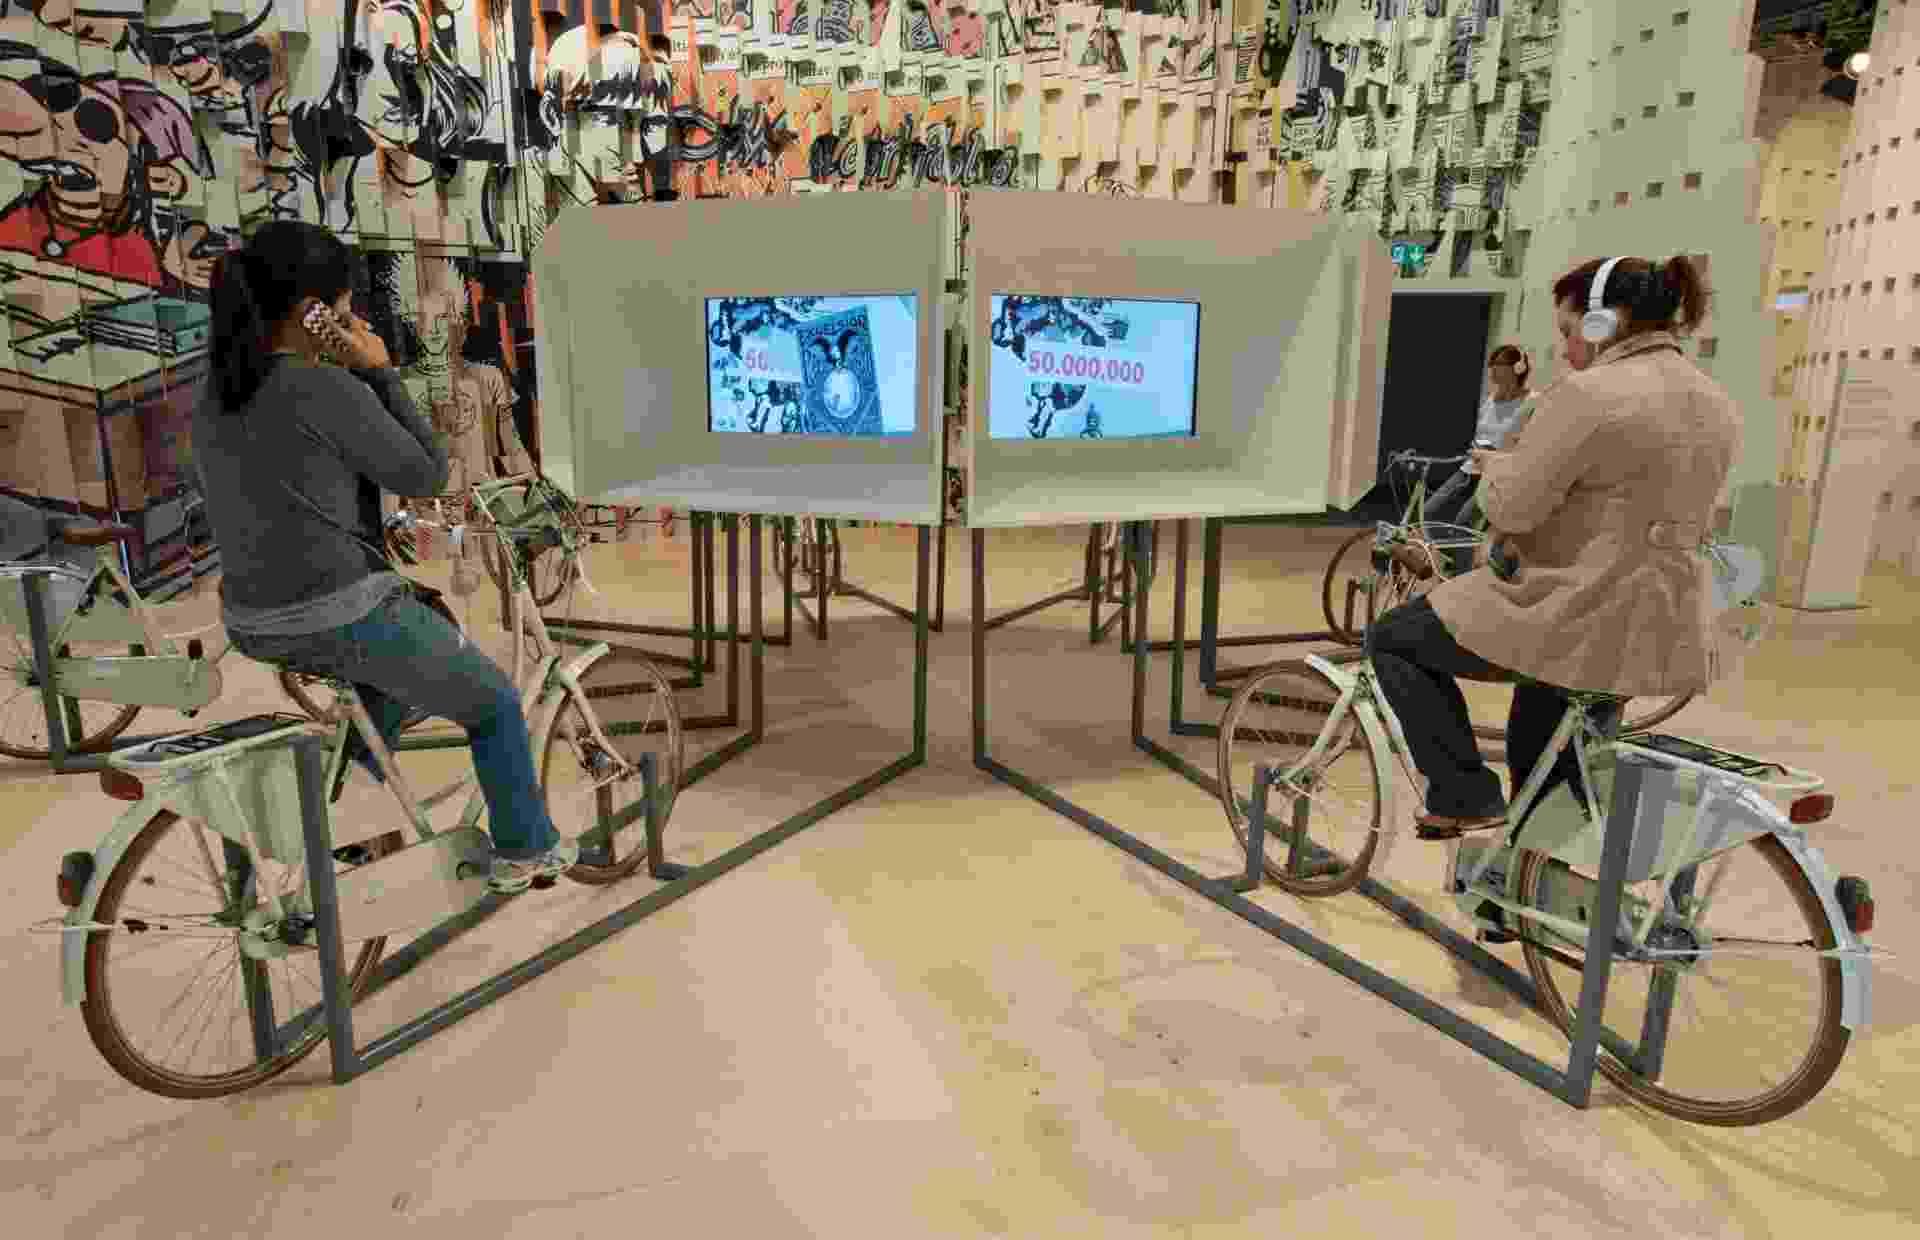 8.out.2013 - Pessoas usam bicicletas como gerador de energia para assistir vídeos sobre literatura brasileira na Feira Literária de Frankfurt 2013, na Alemanha - AFP PHOTO / DPA / BORIS ROESSLER